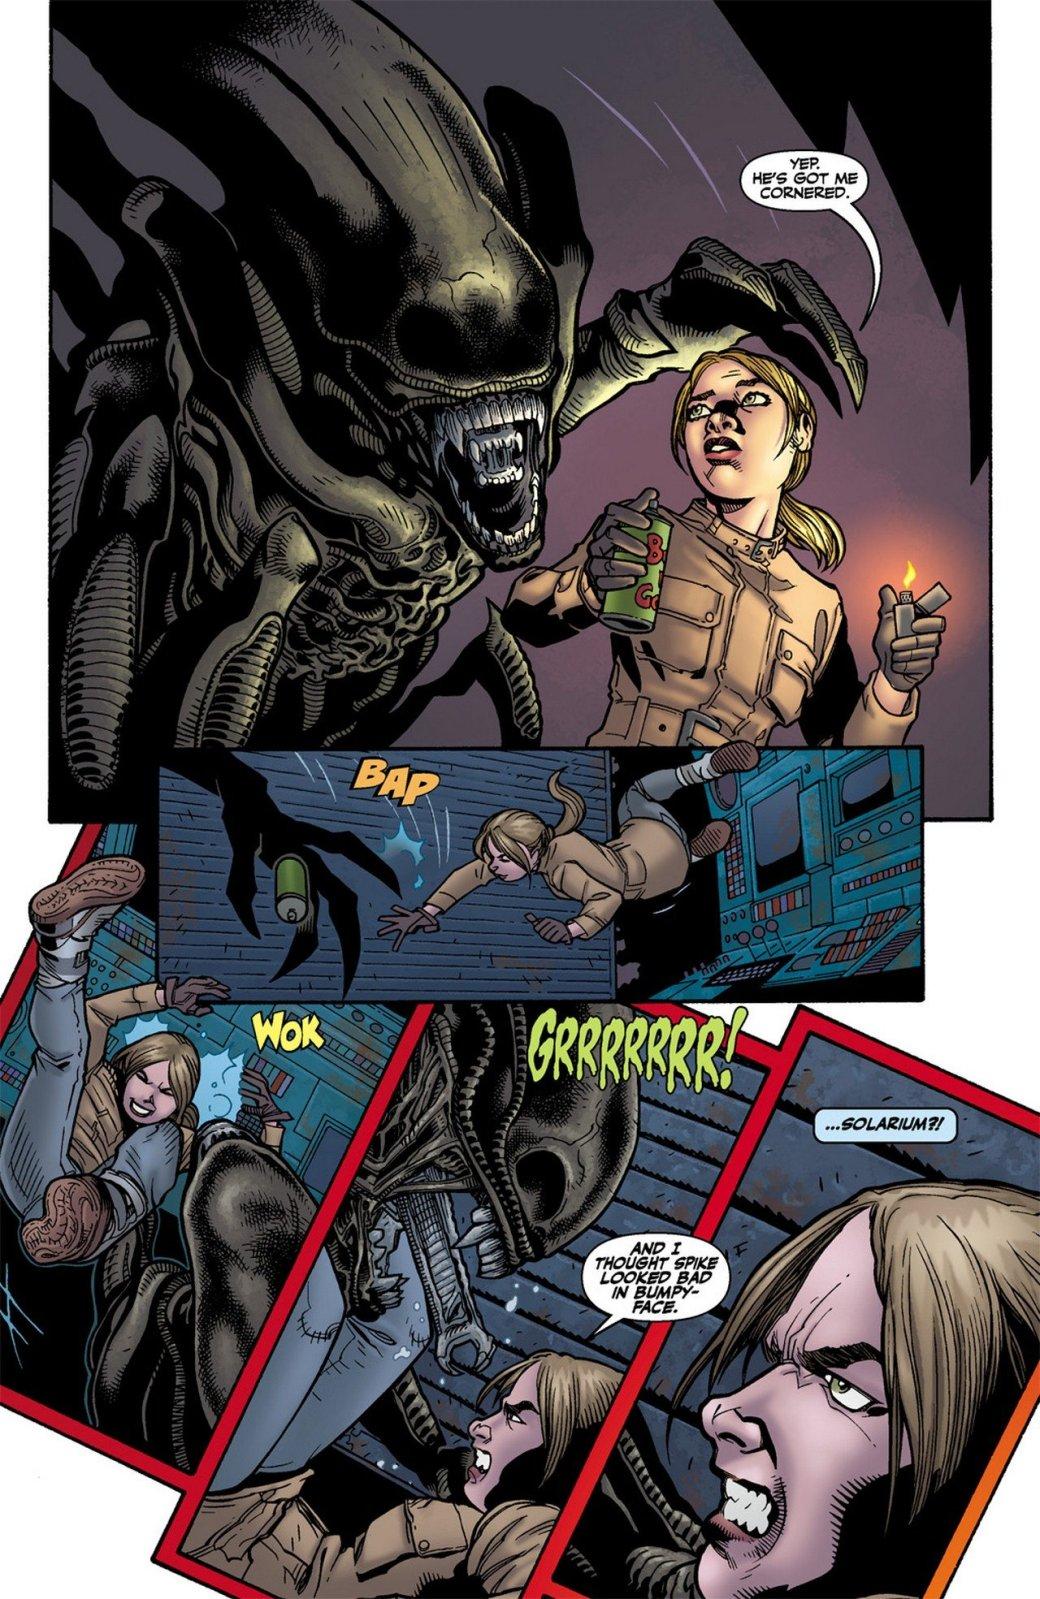 Бэтмен против Чужого?! Безумные комикс-кроссоверы сксеноморфами | Канобу - Изображение 32